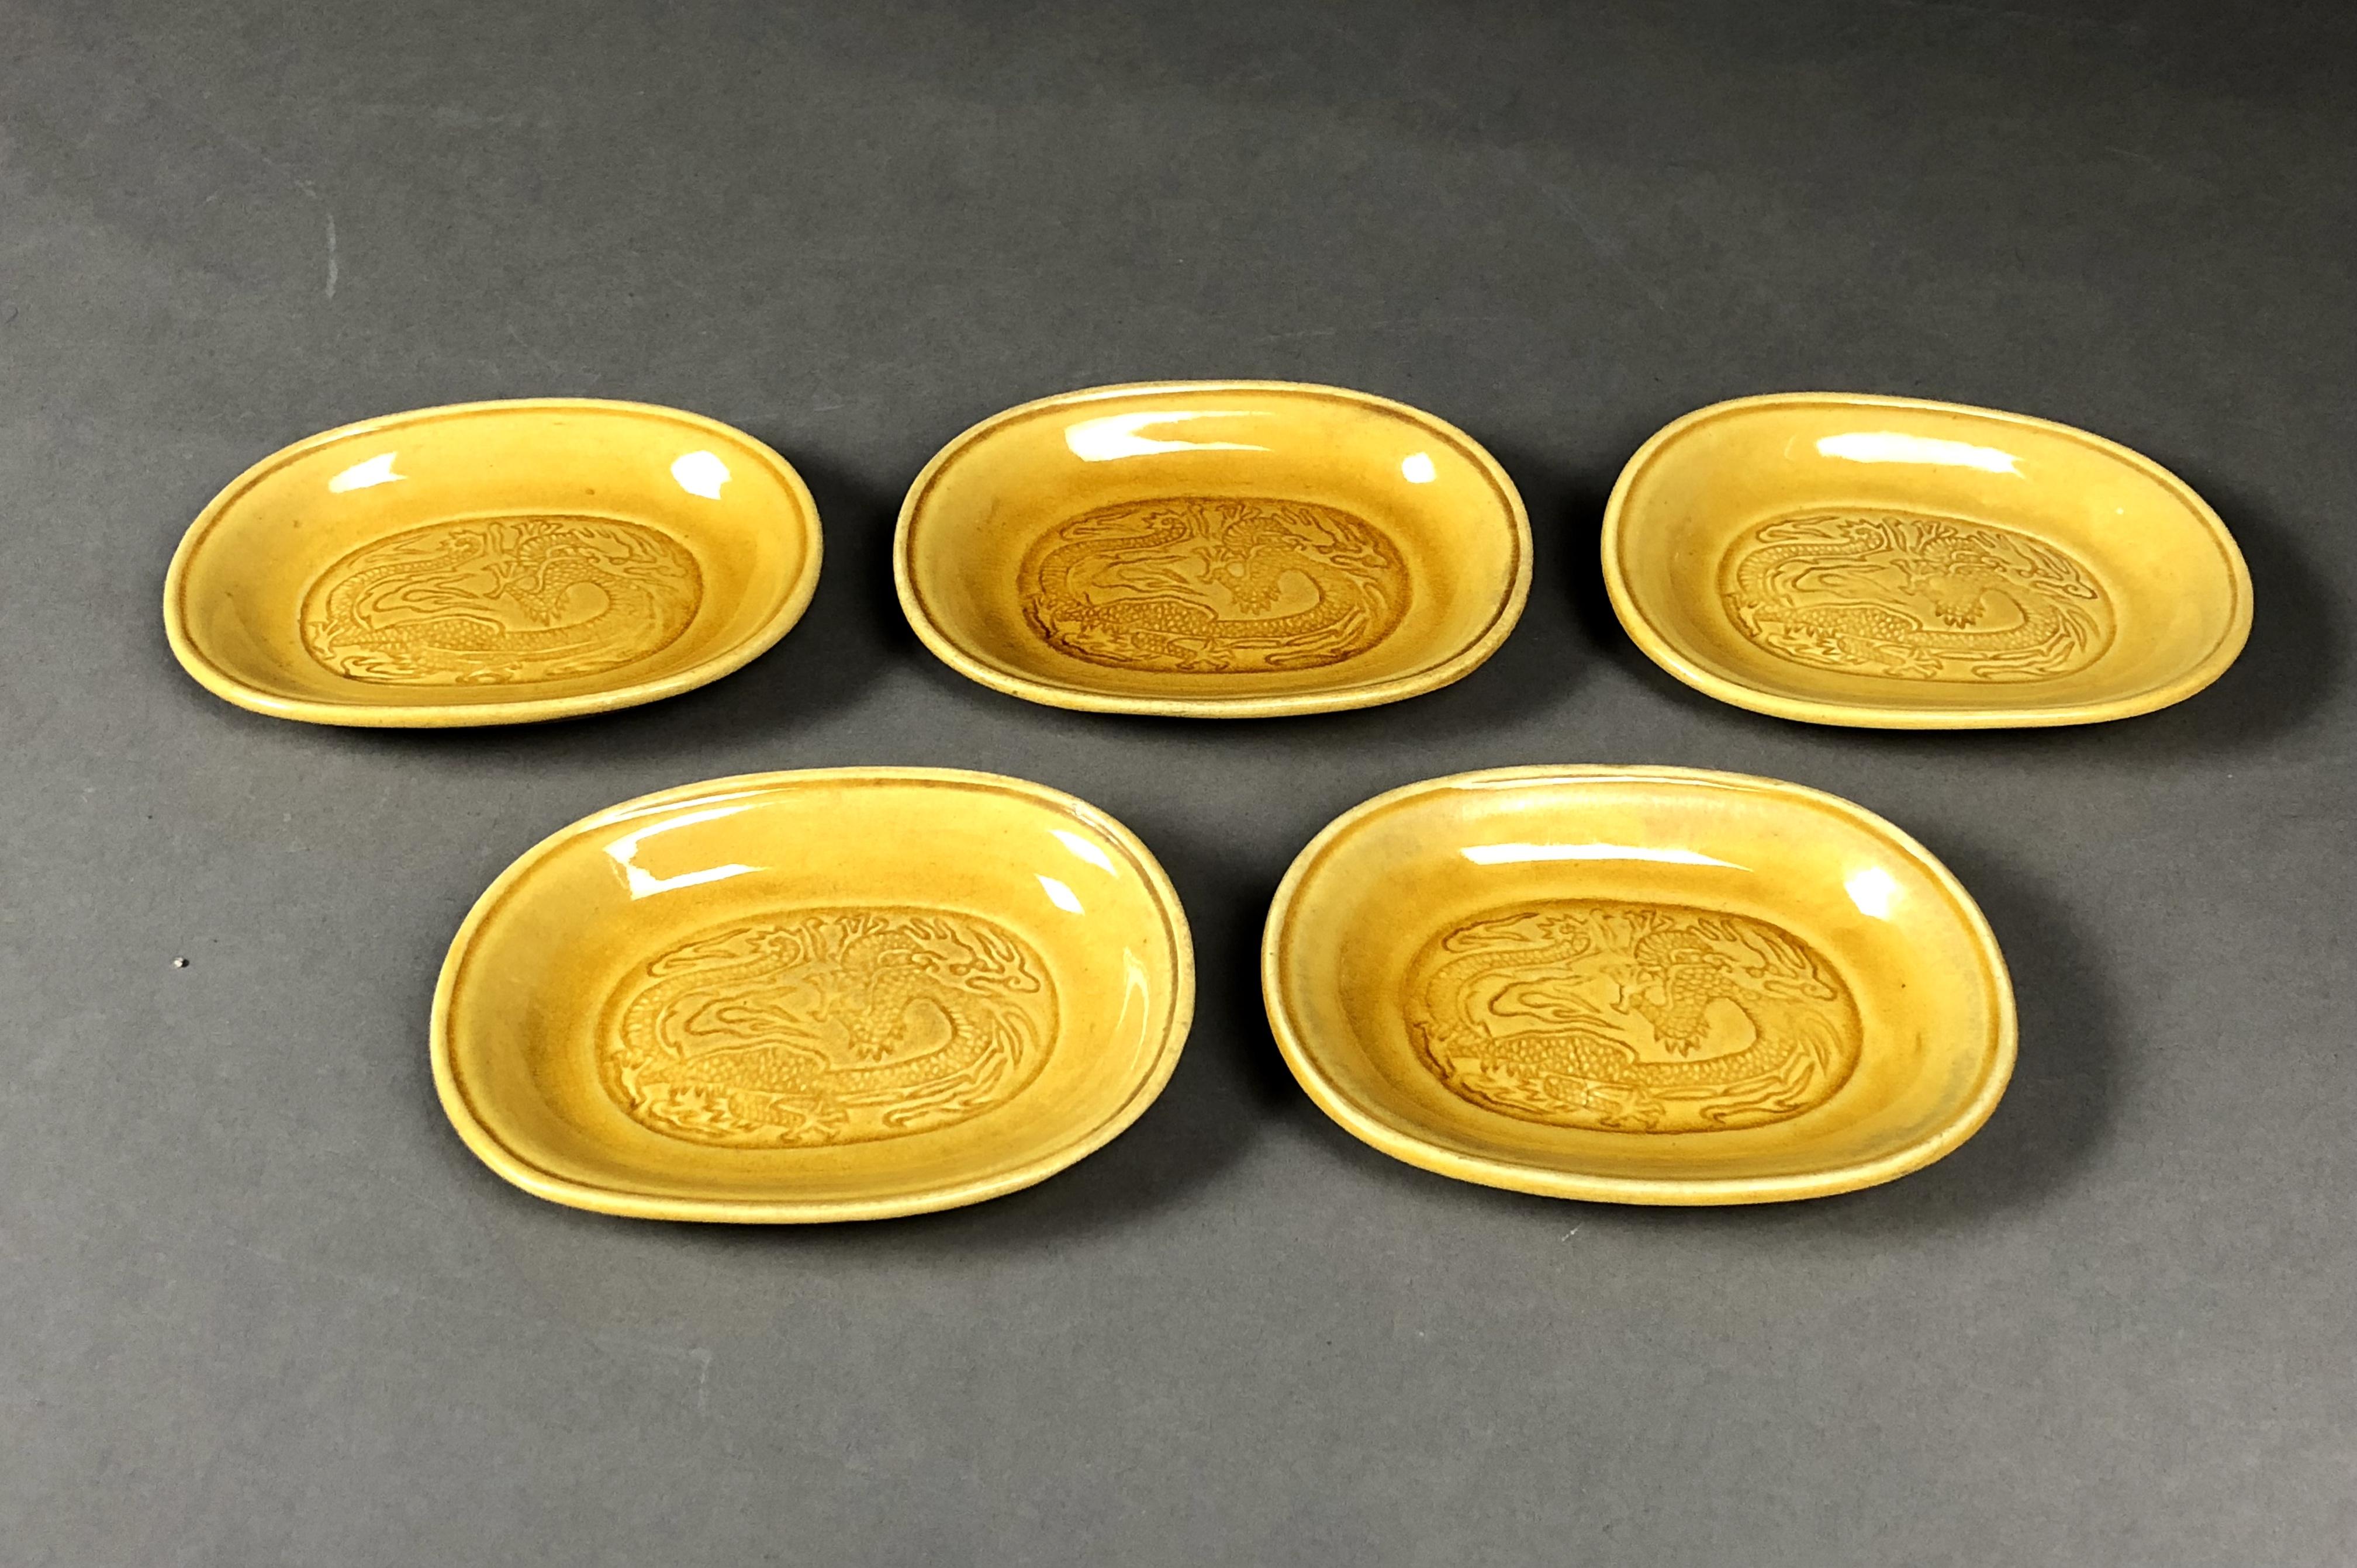 珉平焼 〜 黄釉龍文小判型豆皿五枚揃い